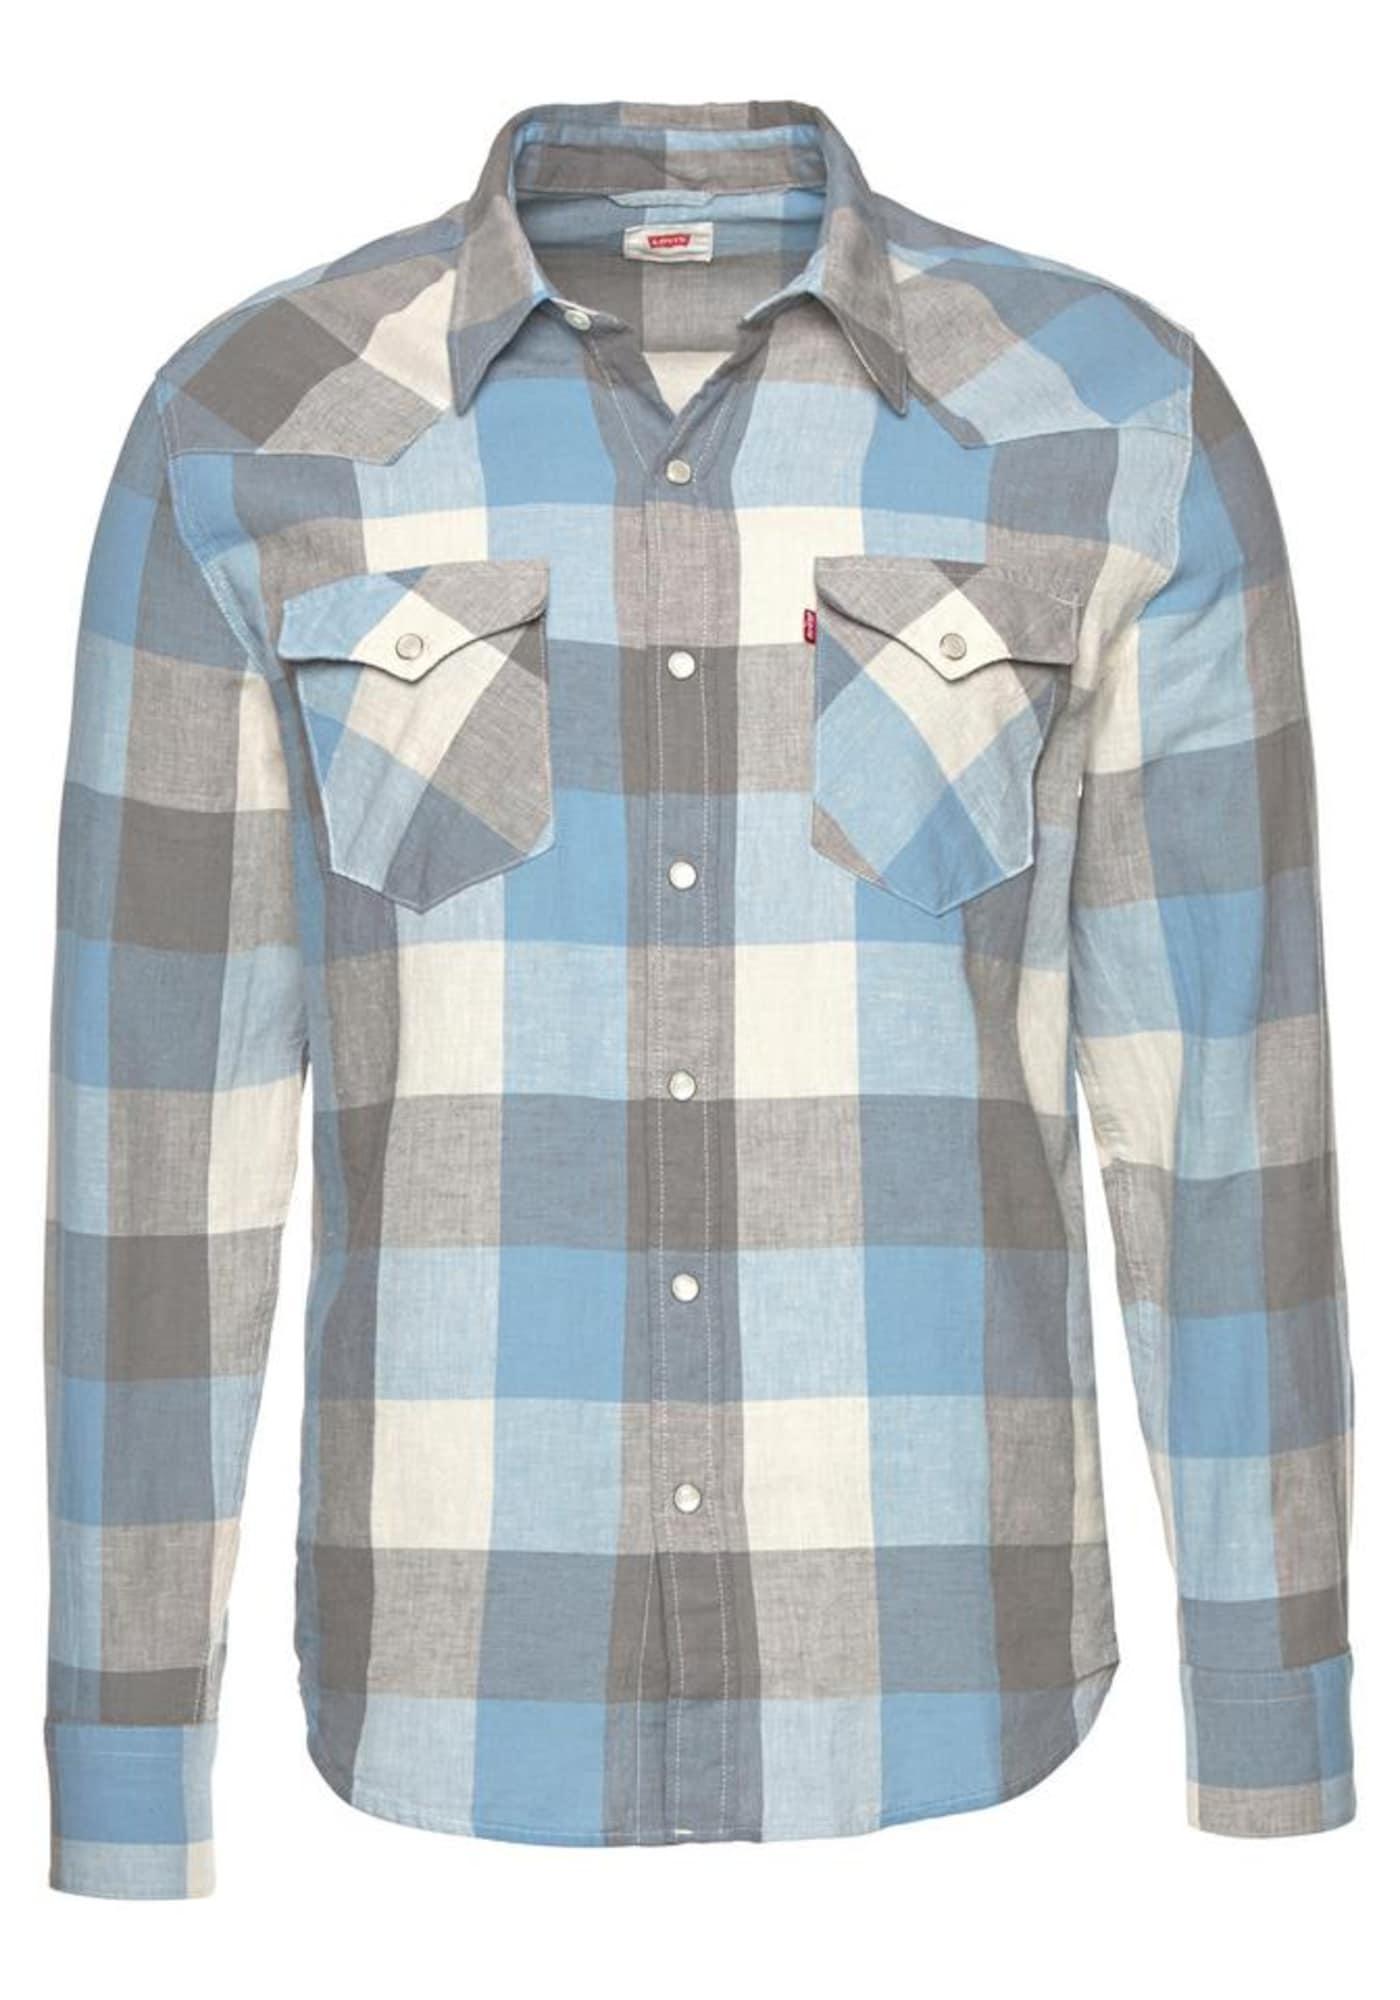 LEVI'S Heren Overhemd blauw grijs